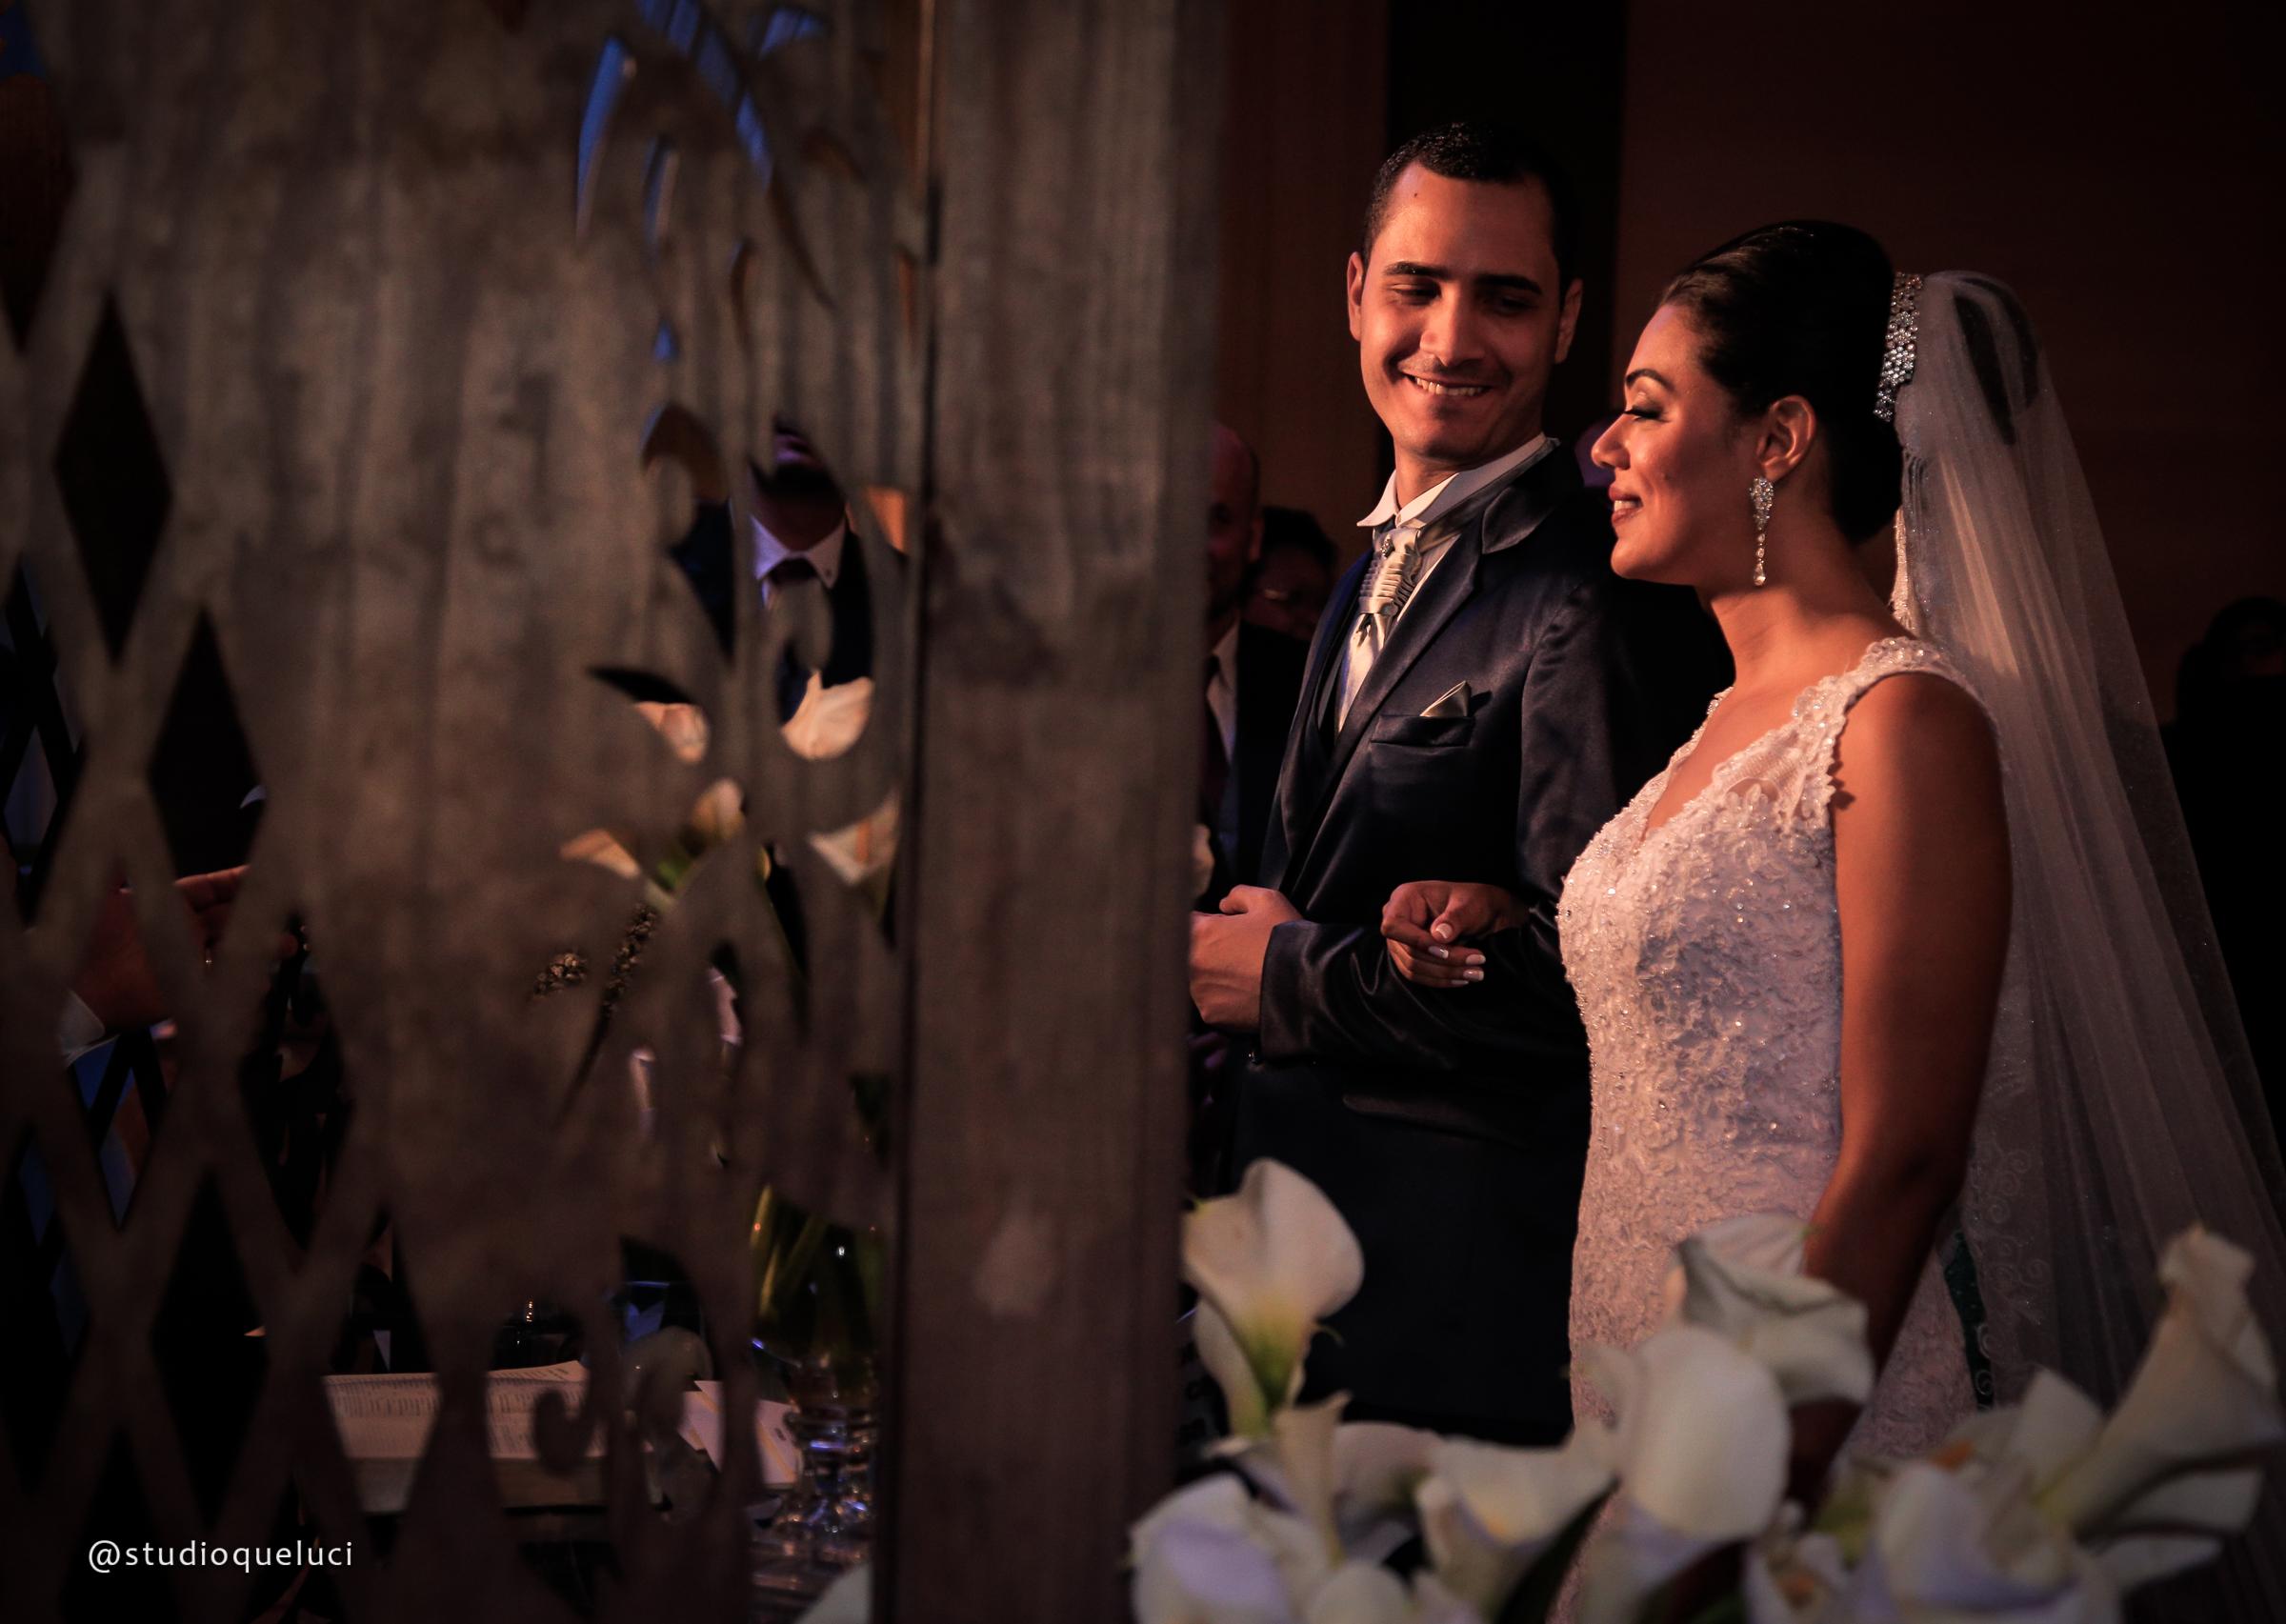 Fotografo no rio de janeiro, casamento de Felipe e Talita (128)